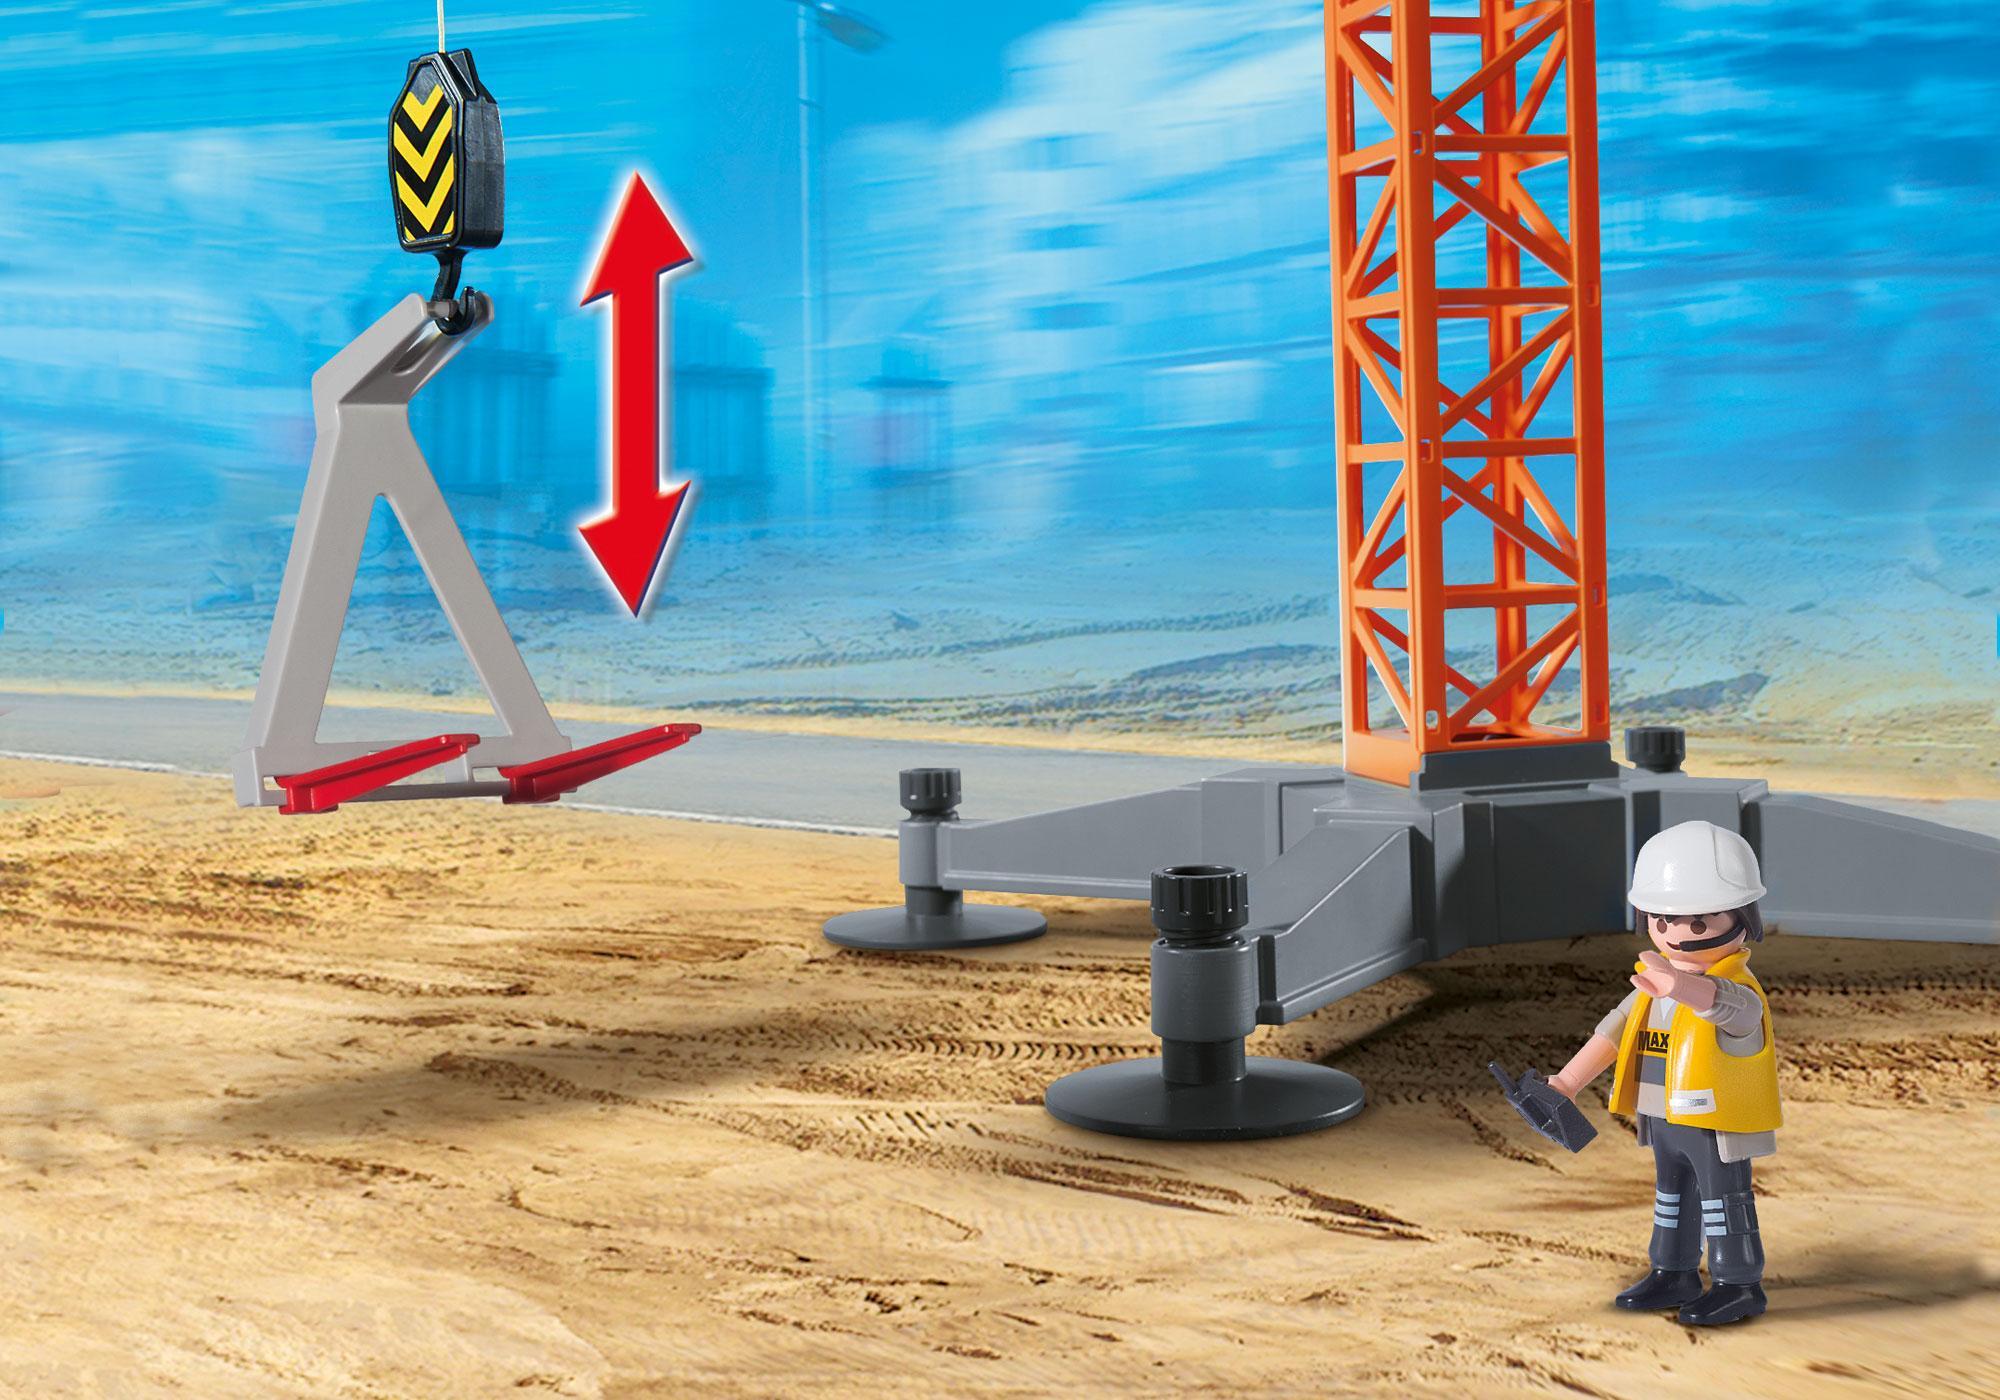 http://media.playmobil.com/i/playmobil/9399_product_extra2/Baukran mit Zubehör